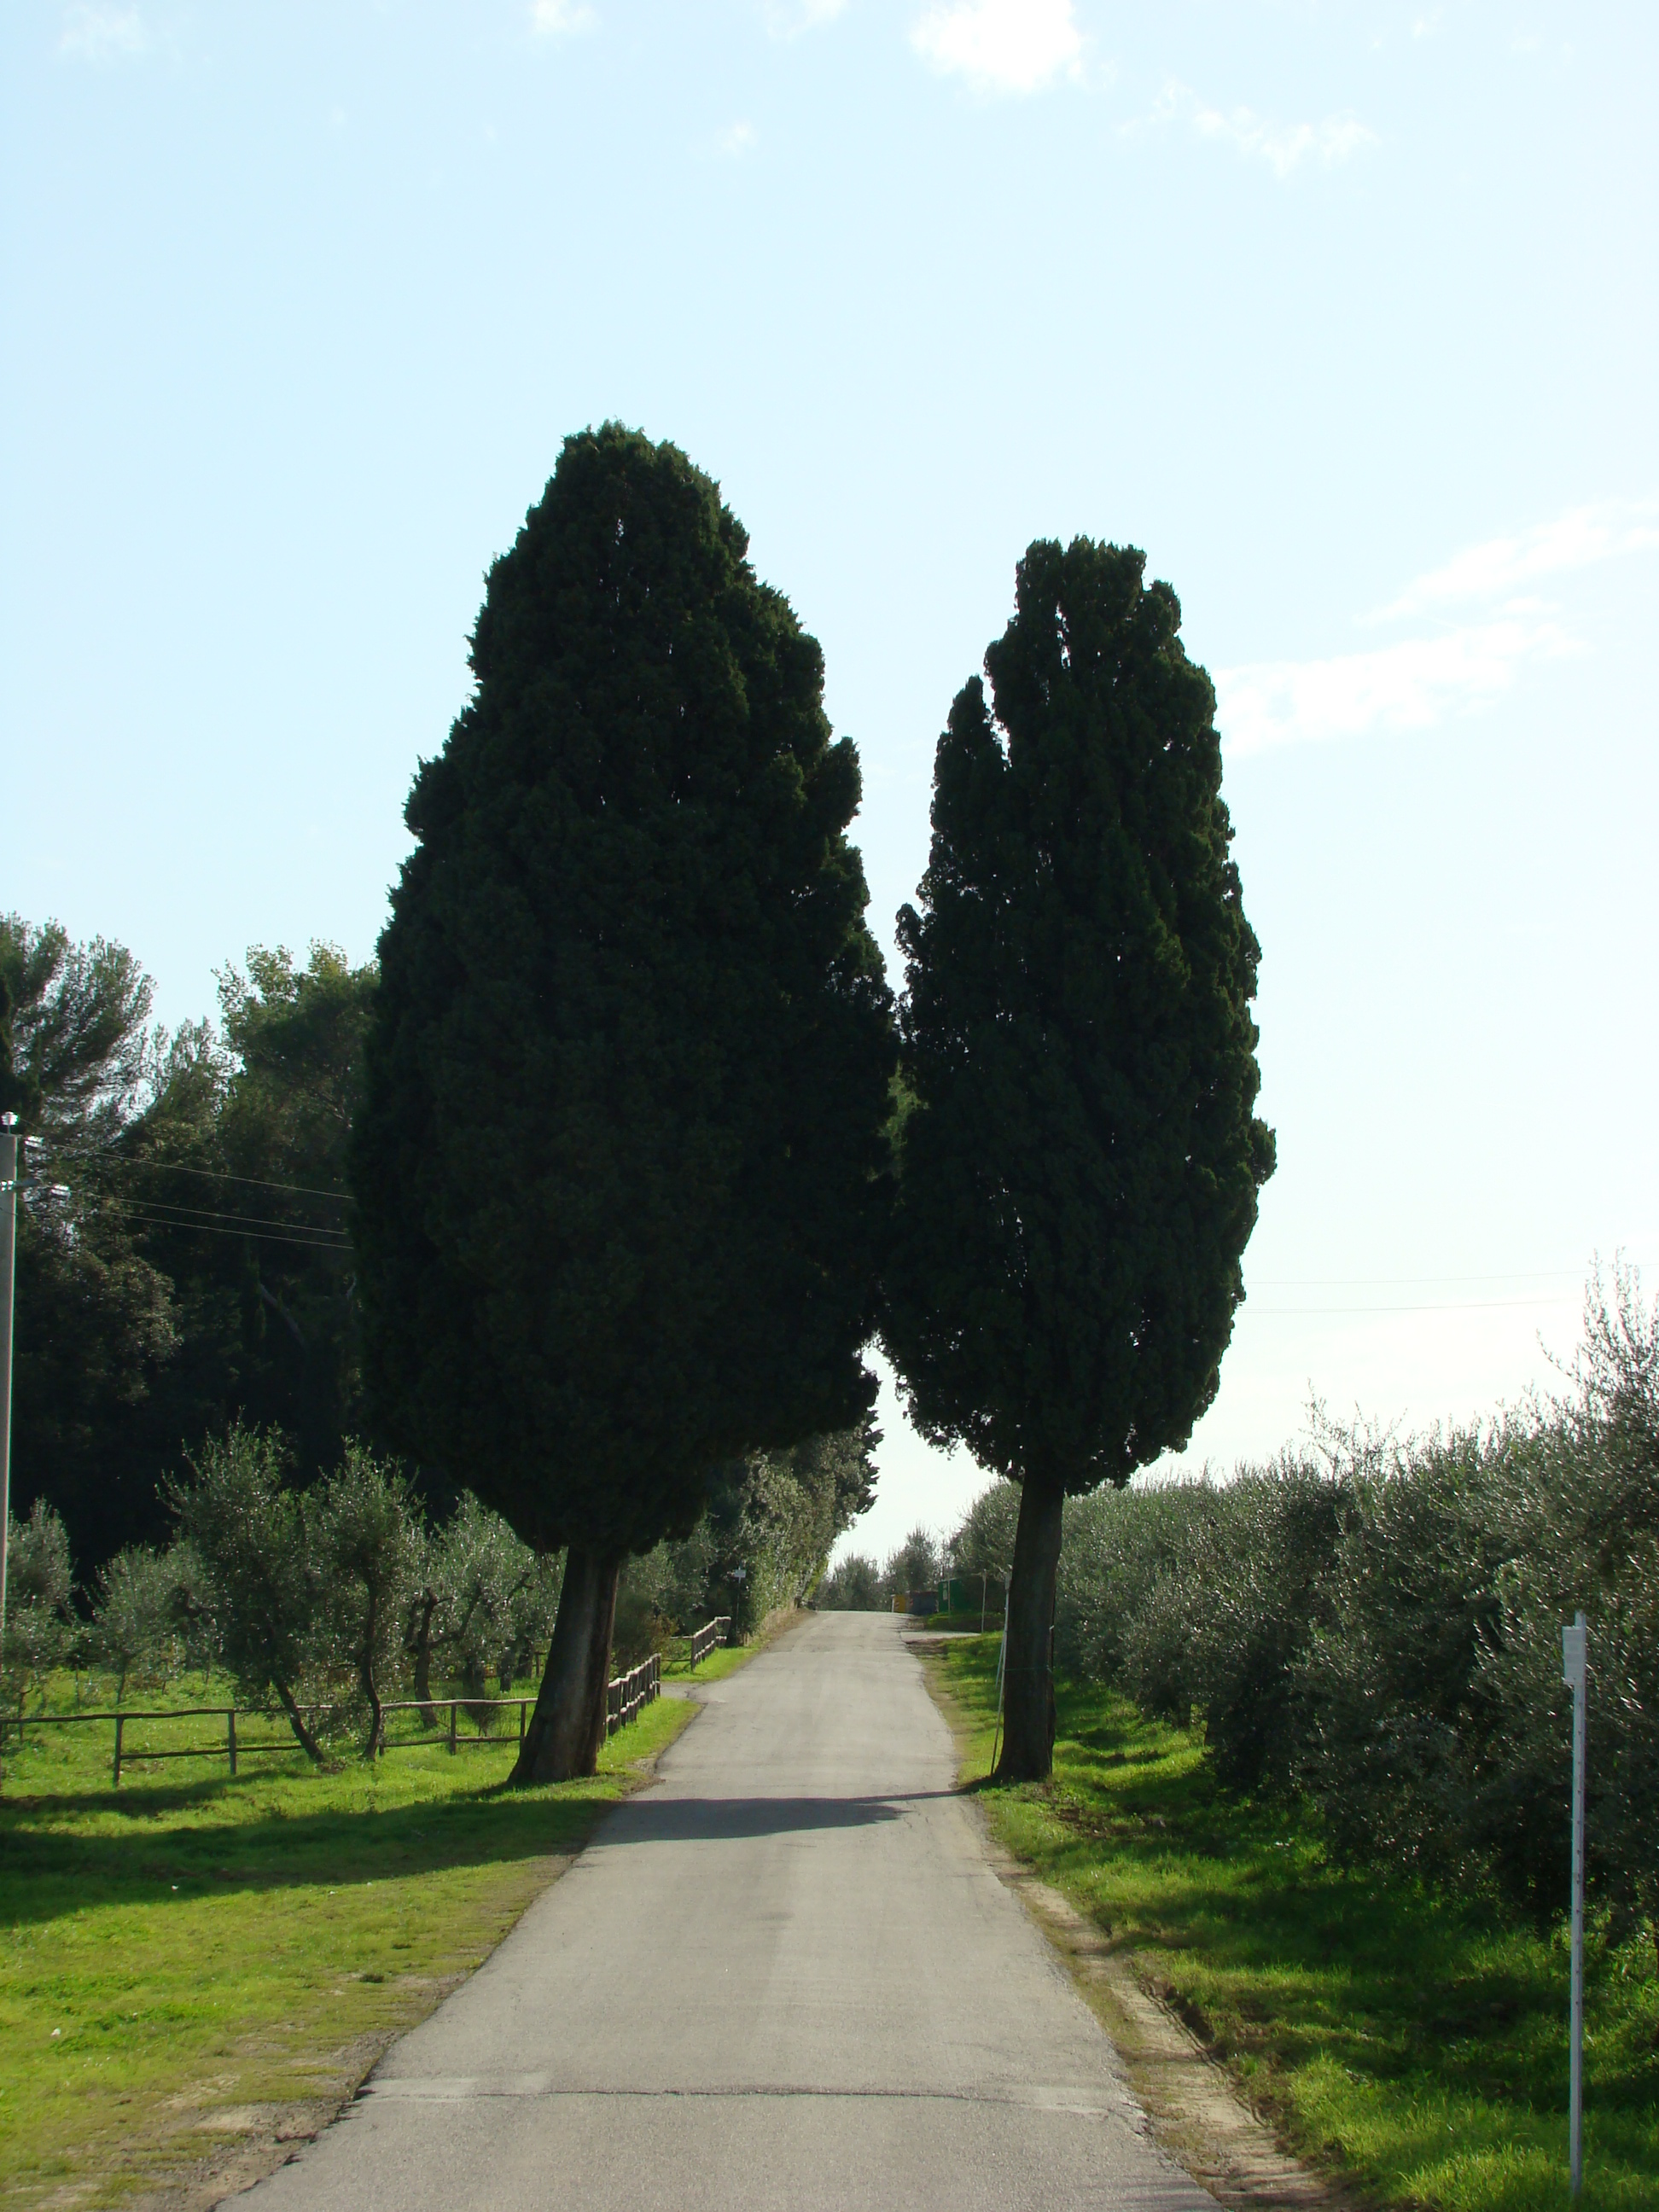 Cipressi lungo la strada (di Giuliana Profeti)